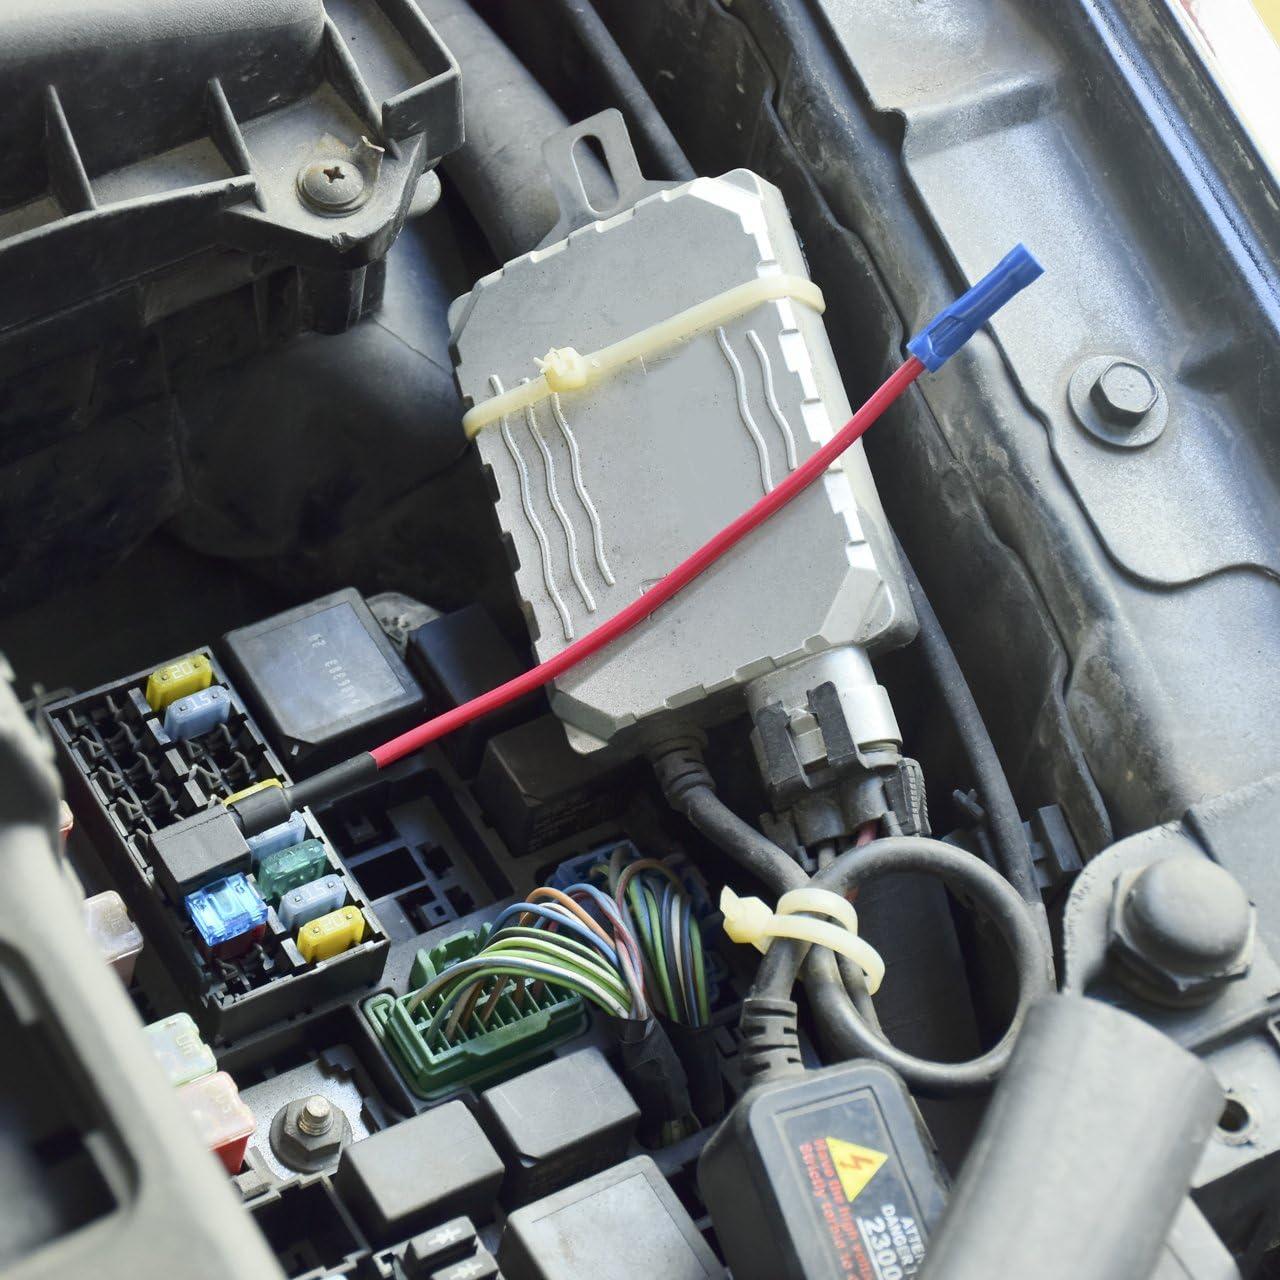 DEDC 10Pcs Flachsicherung Autosicherung Mini Sicherungshalter ...